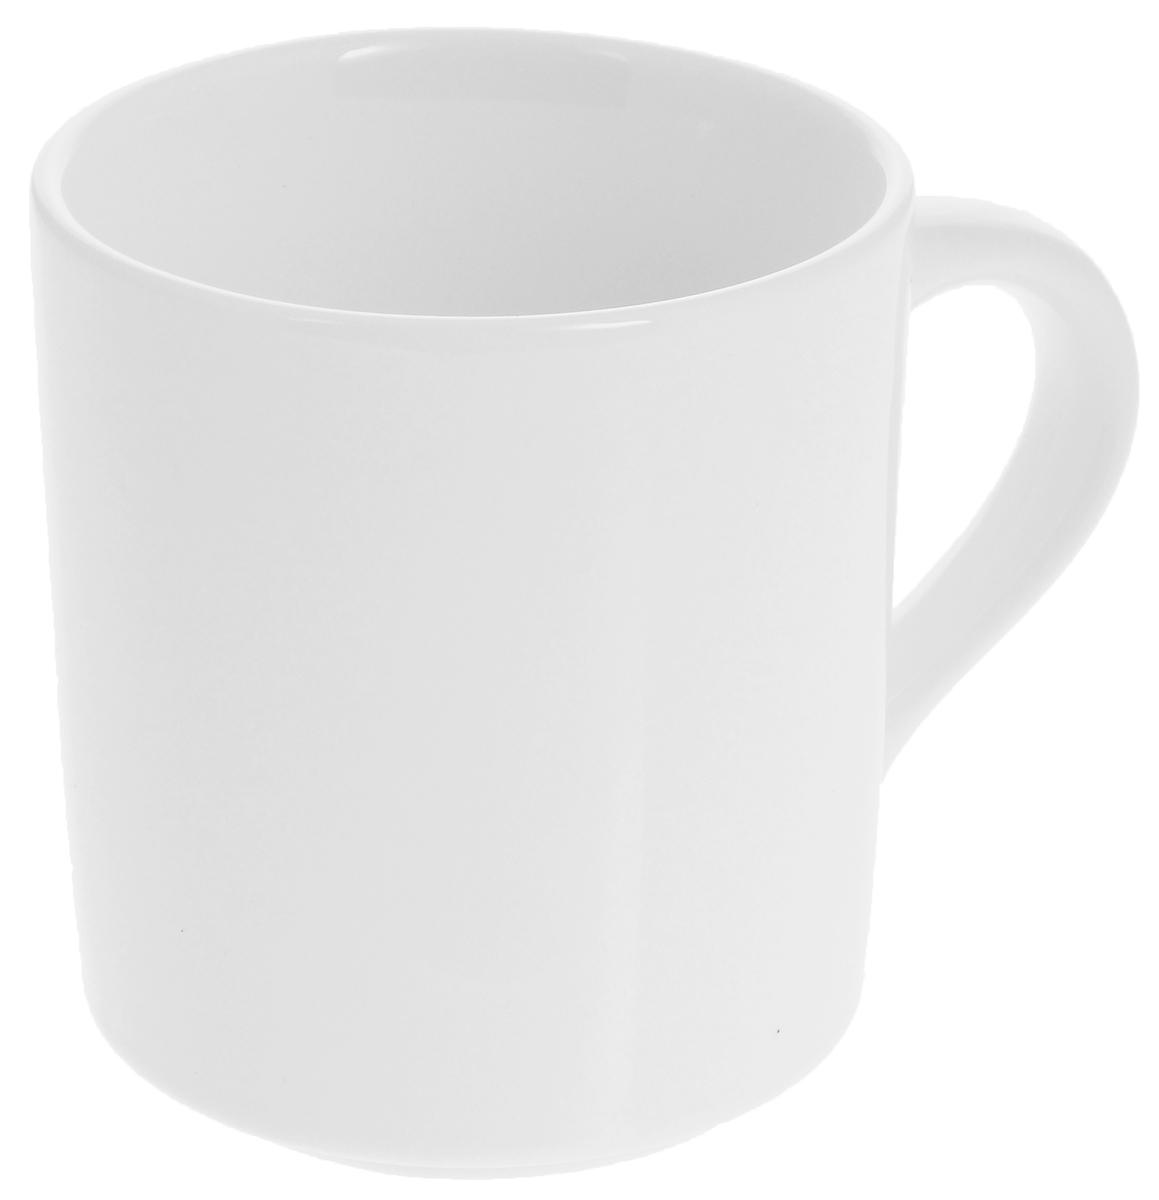 Кружка Wilmax, 300 мл. WL-99304054 009312Кружка Wilmax изготовлена из высококачественного фарфора и сочетает в себе оригинальный дизайн и функциональность. Такая кружка идеально впишется в интерьер современной кухни, а также станет хорошим и практичным подарком на любой праздник. Диаметр кружки (по верхнему краю): 8 см.Высота кружки: 9 см.